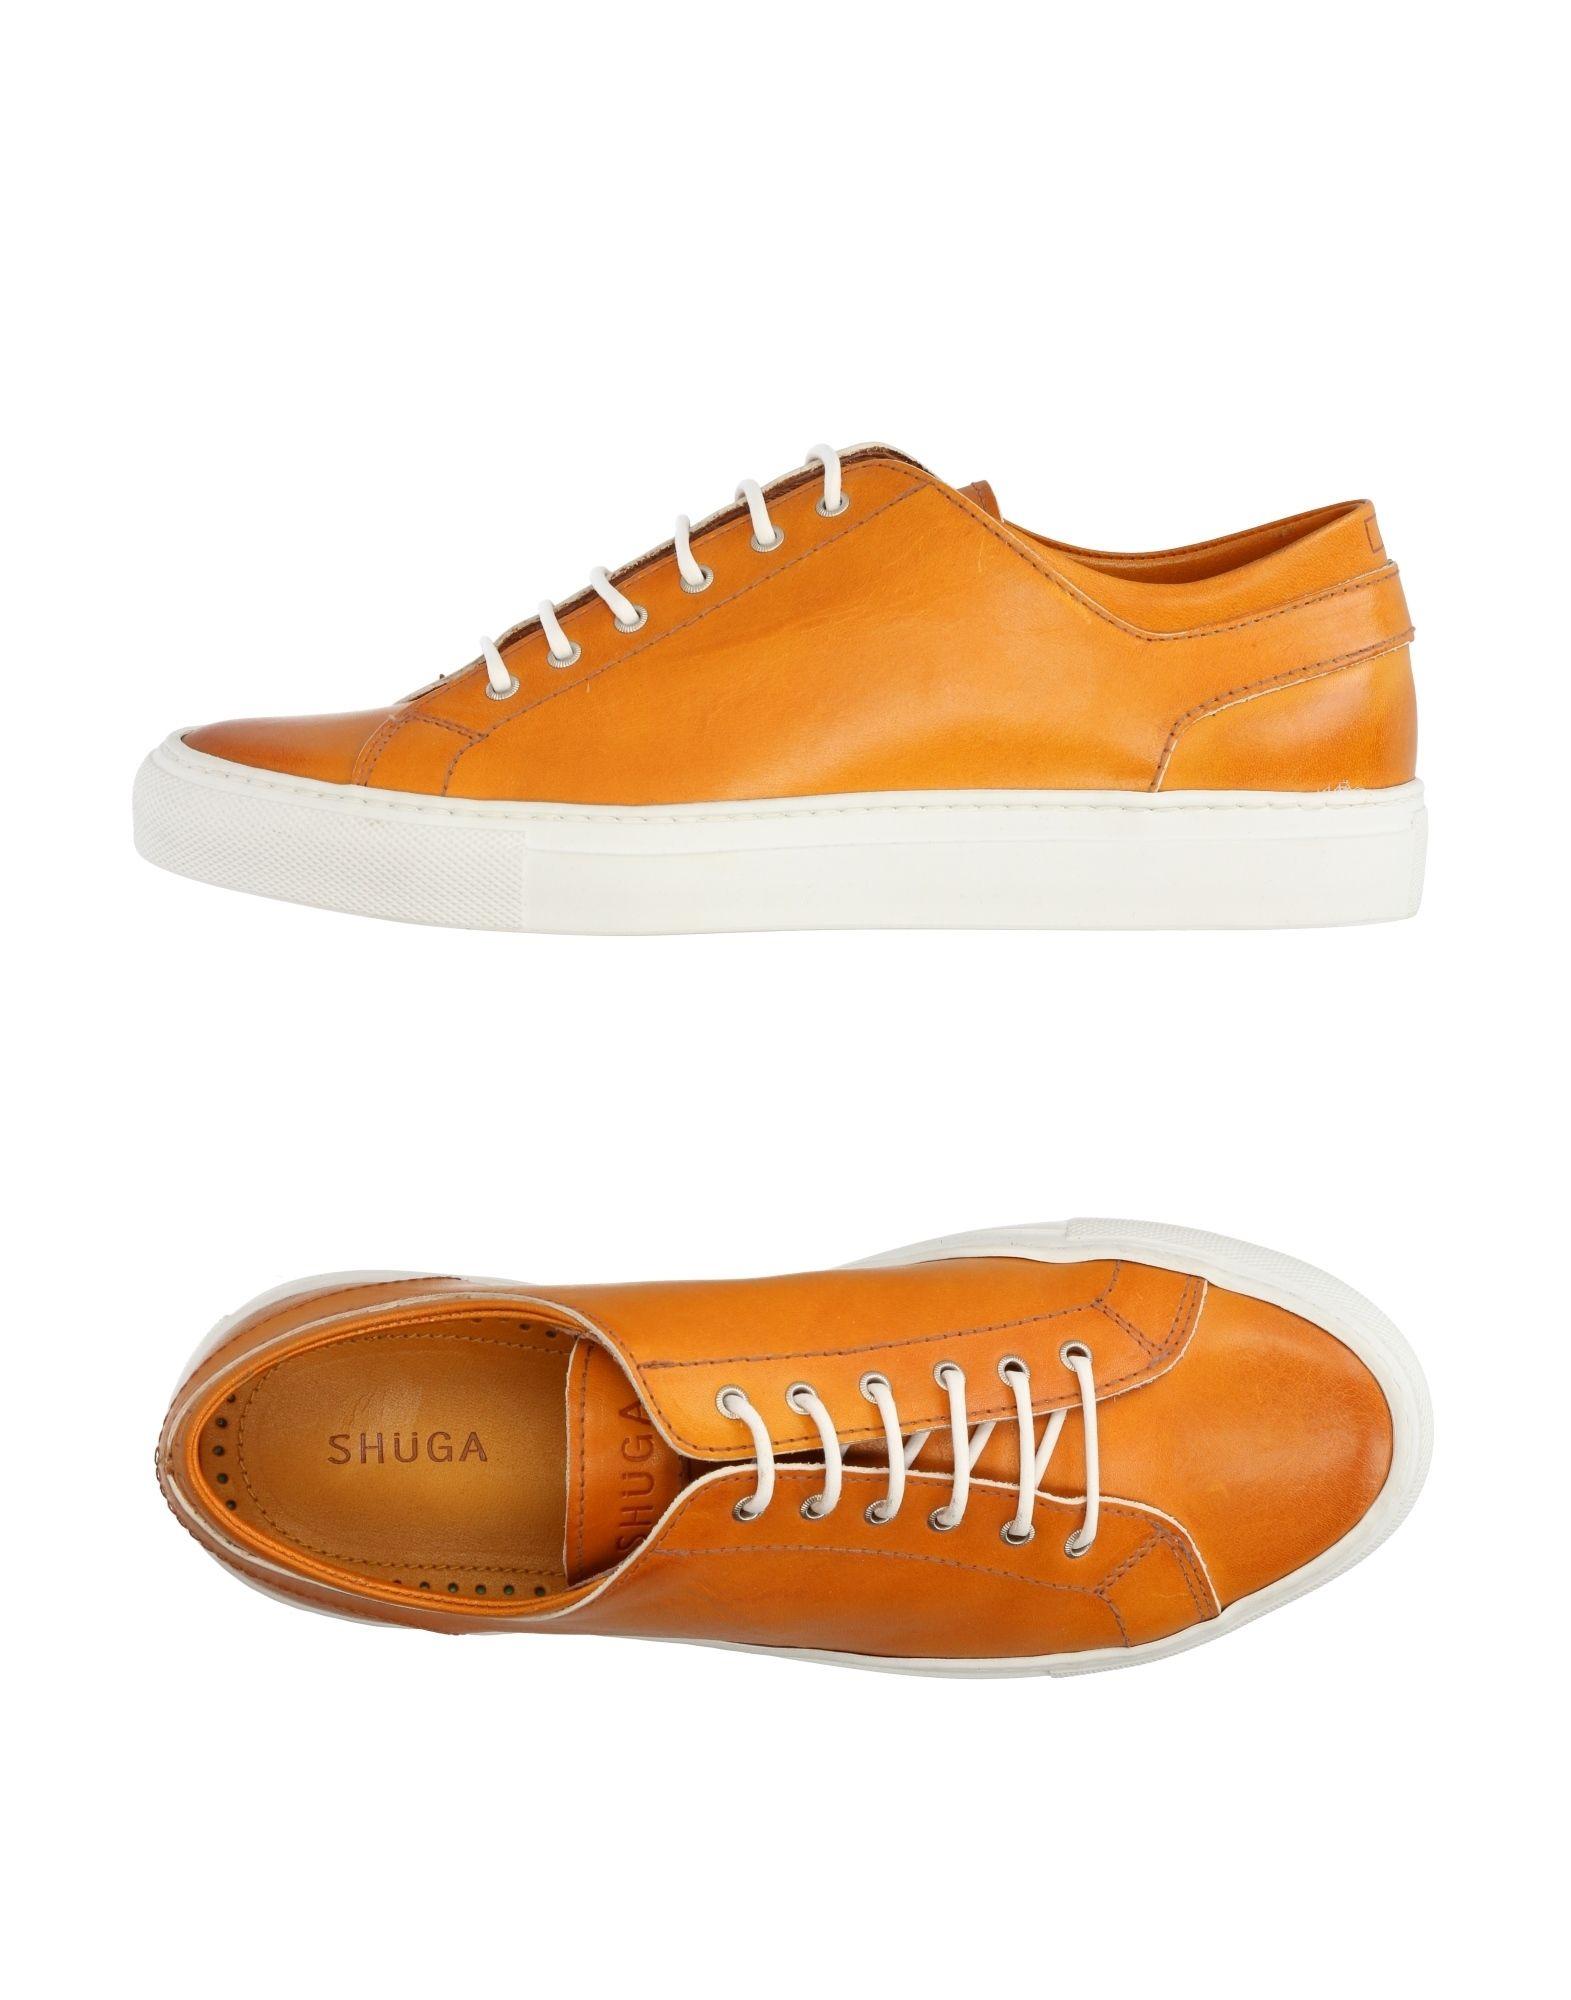 Rabatt Herren echte Schuhe Shuga Sneakers Herren Rabatt  11259389DR 44789b